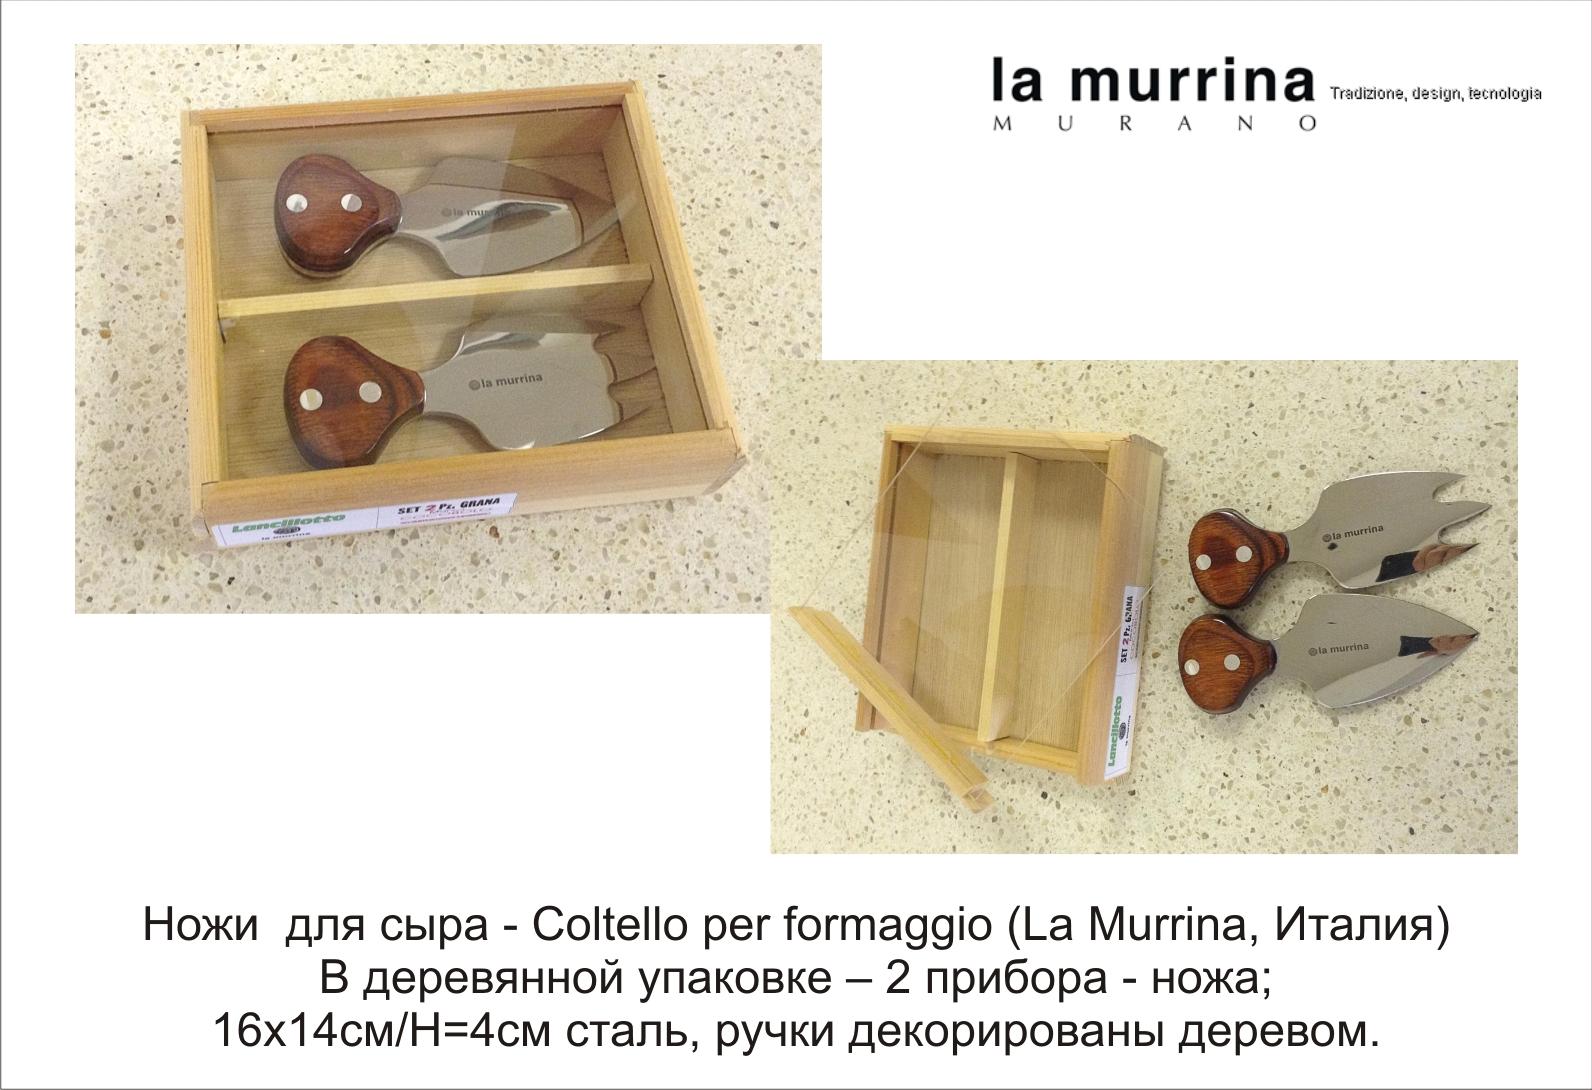 La Murrina - Coltello per formaggio